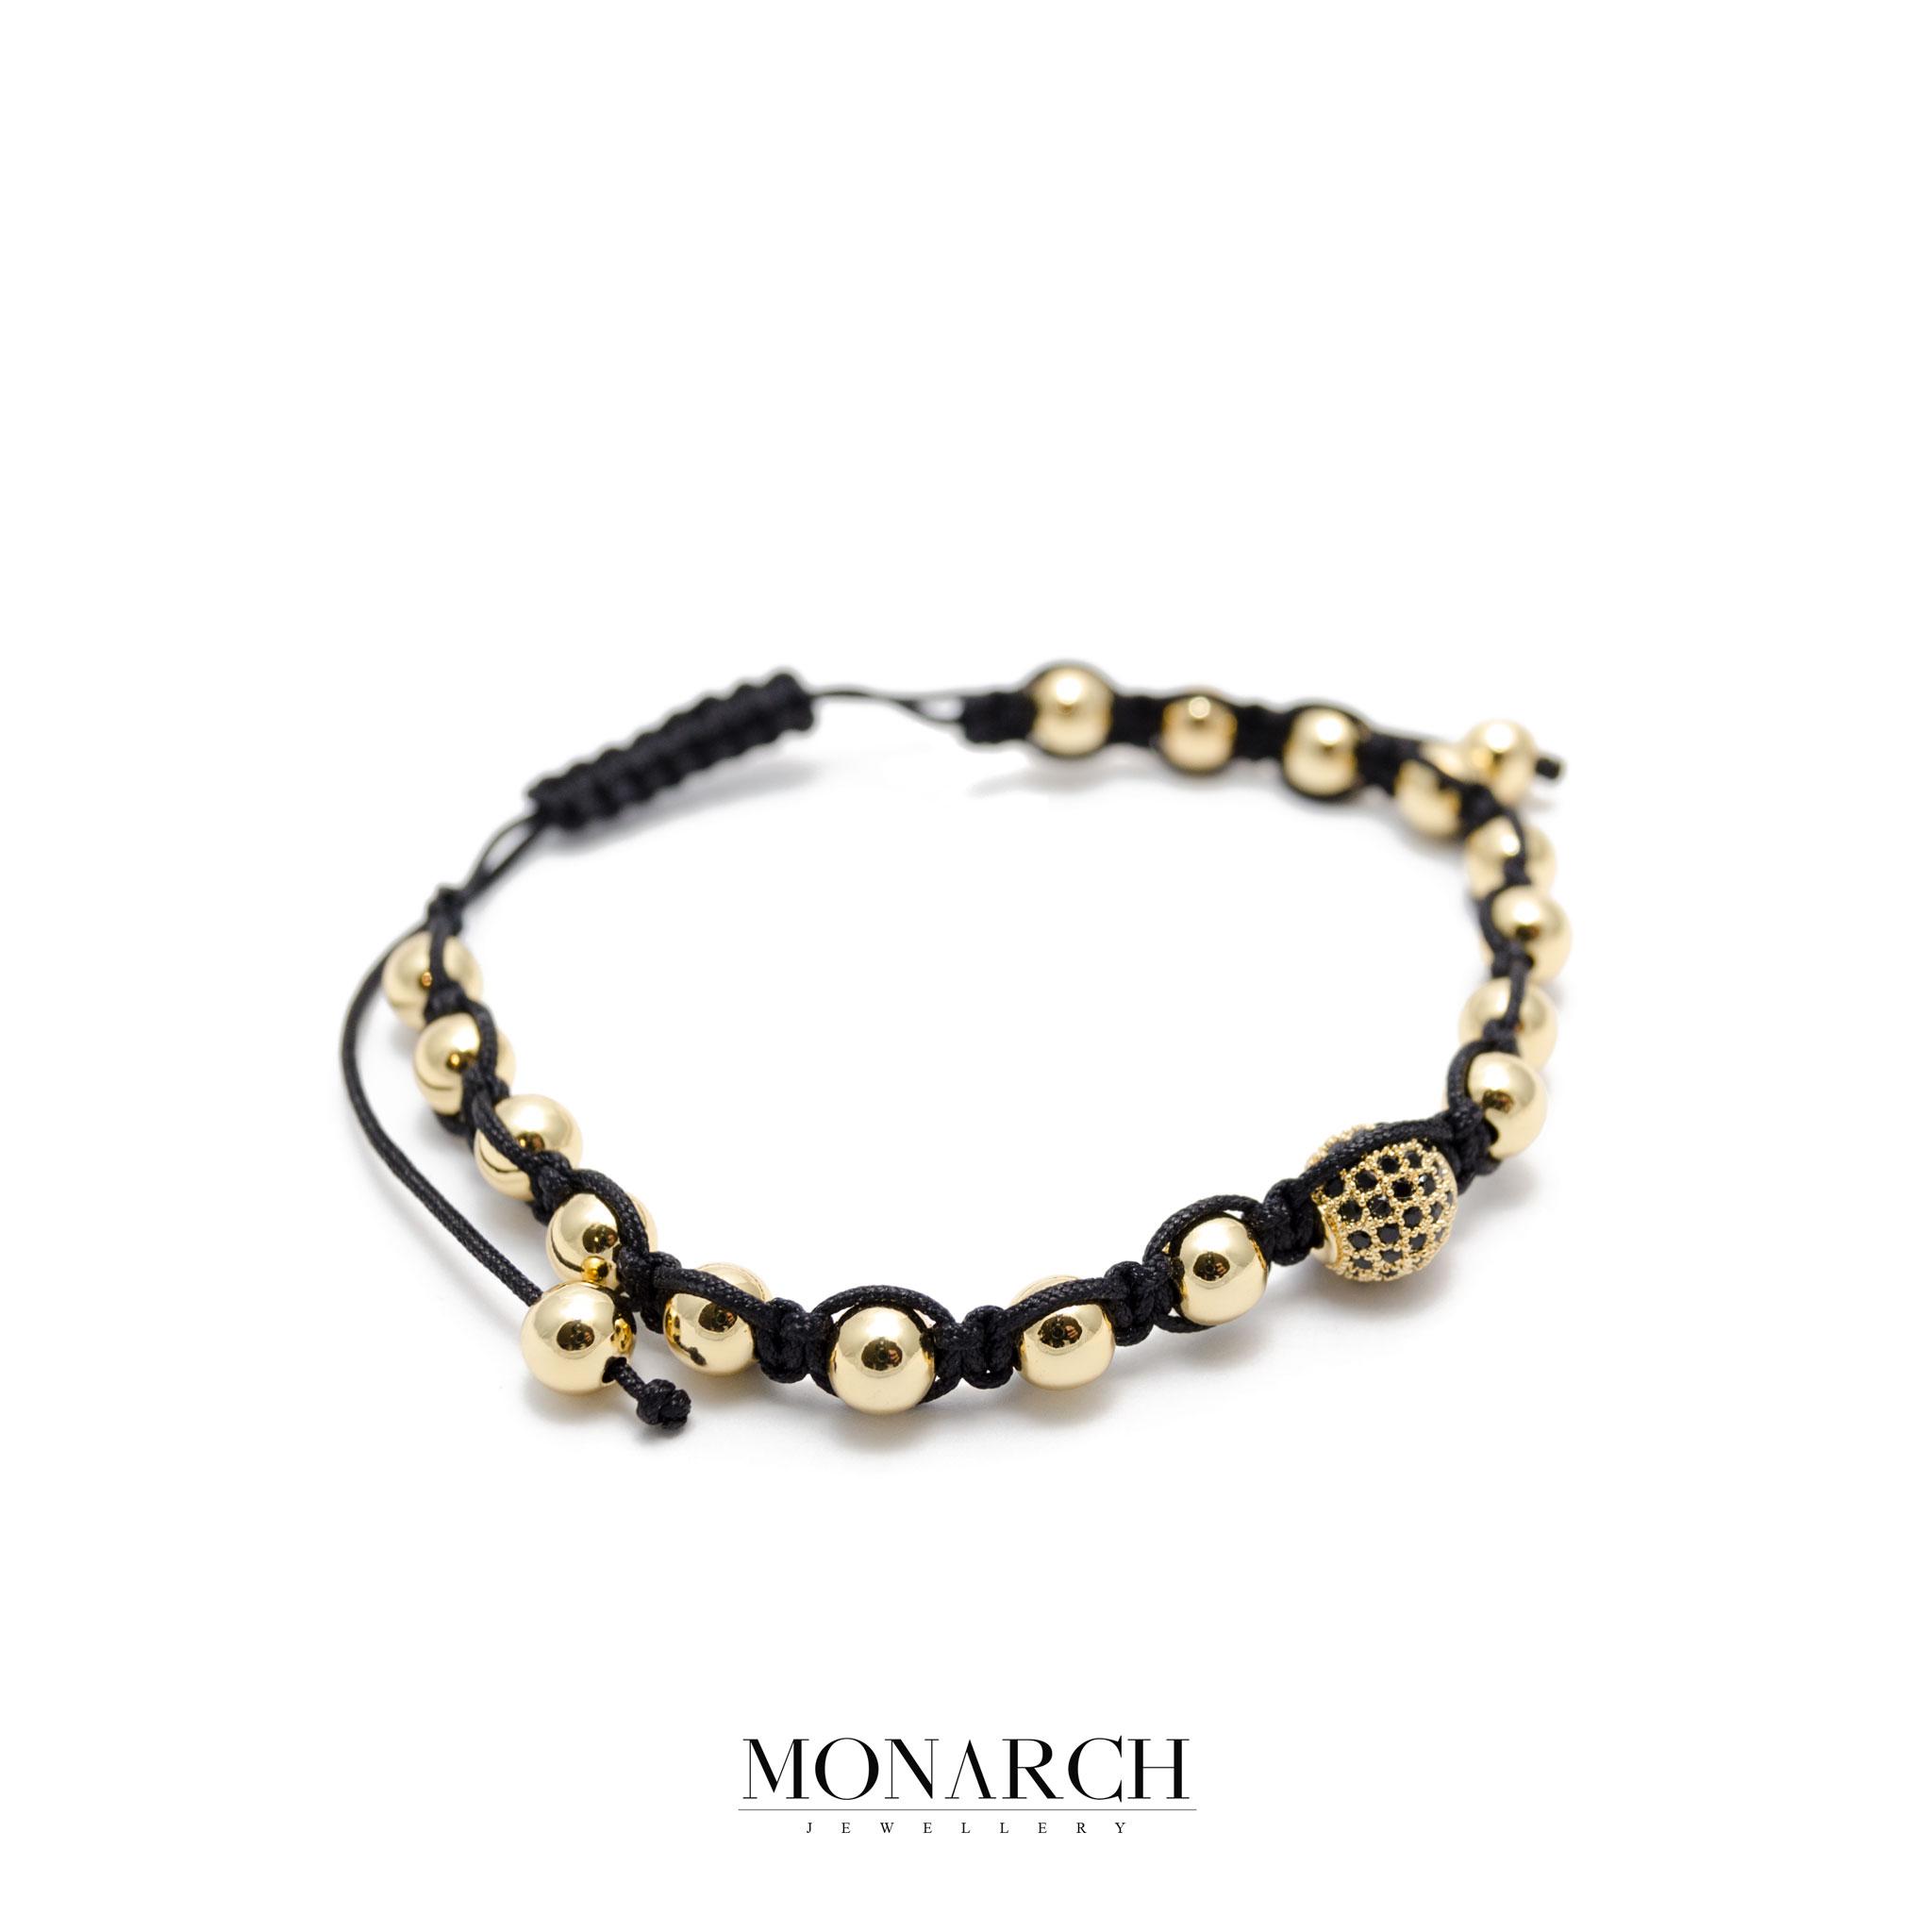 Monarch Jewellery 24k Gold Beads Luxury Macrame Bracelet